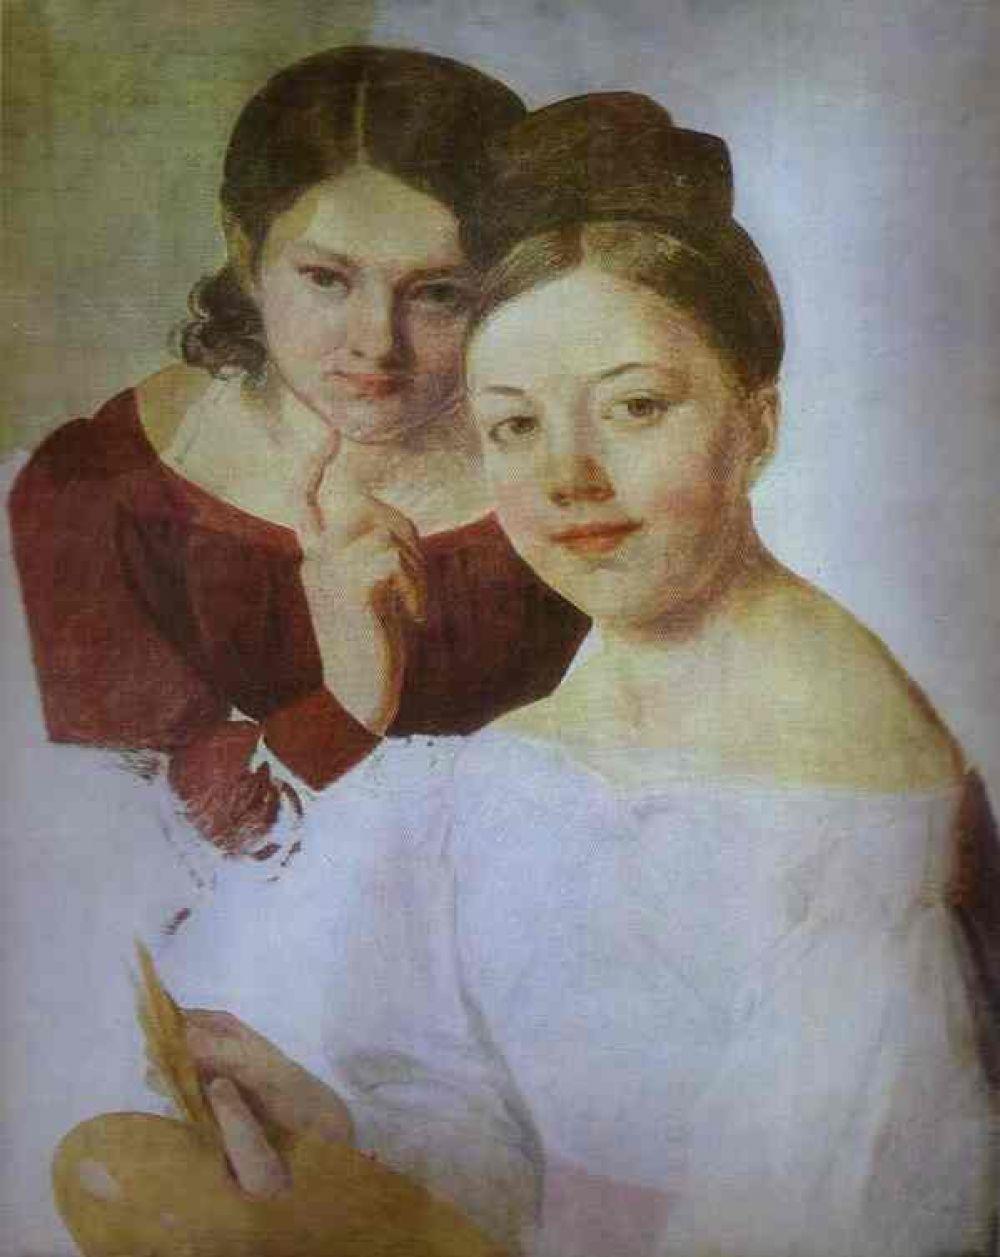 Алексей Венецианов погиб в 1847 году – по пути в Тверь произошёл несчастный случай. Он был похоронен в деревне Дубровское, которую позднее переименовали в Венецианово.